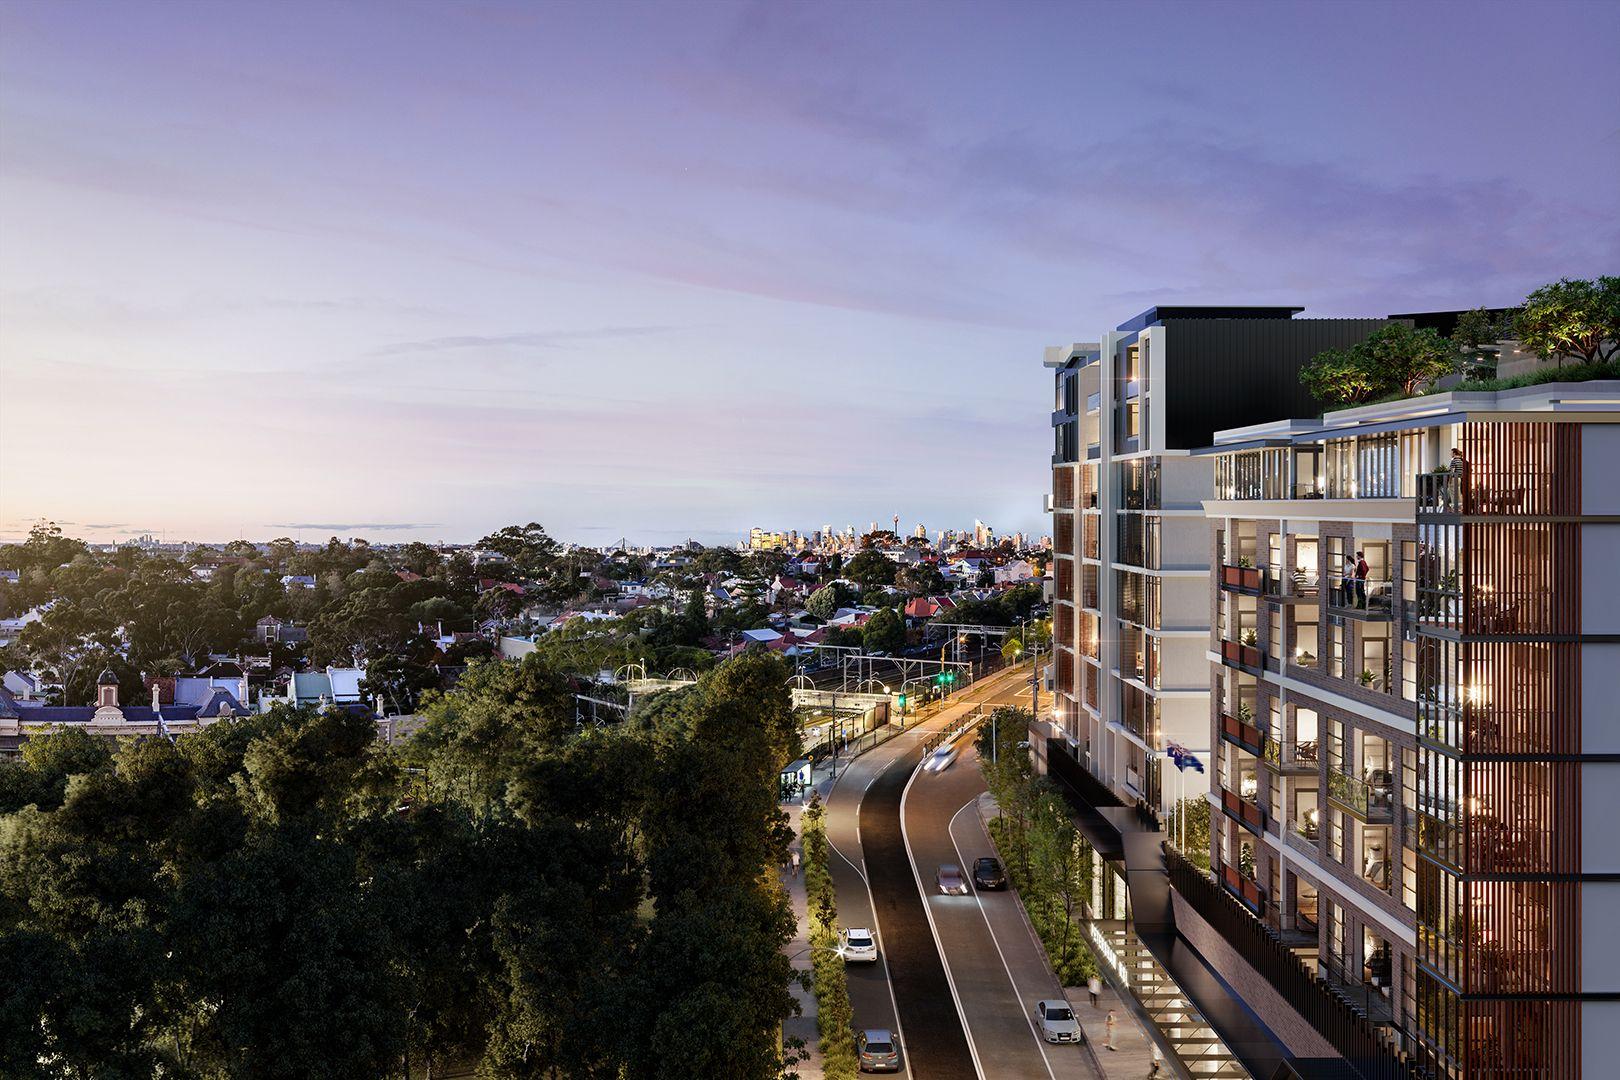 287-309 Trafalgar Street, Petersham, NSW 2049, Image 0